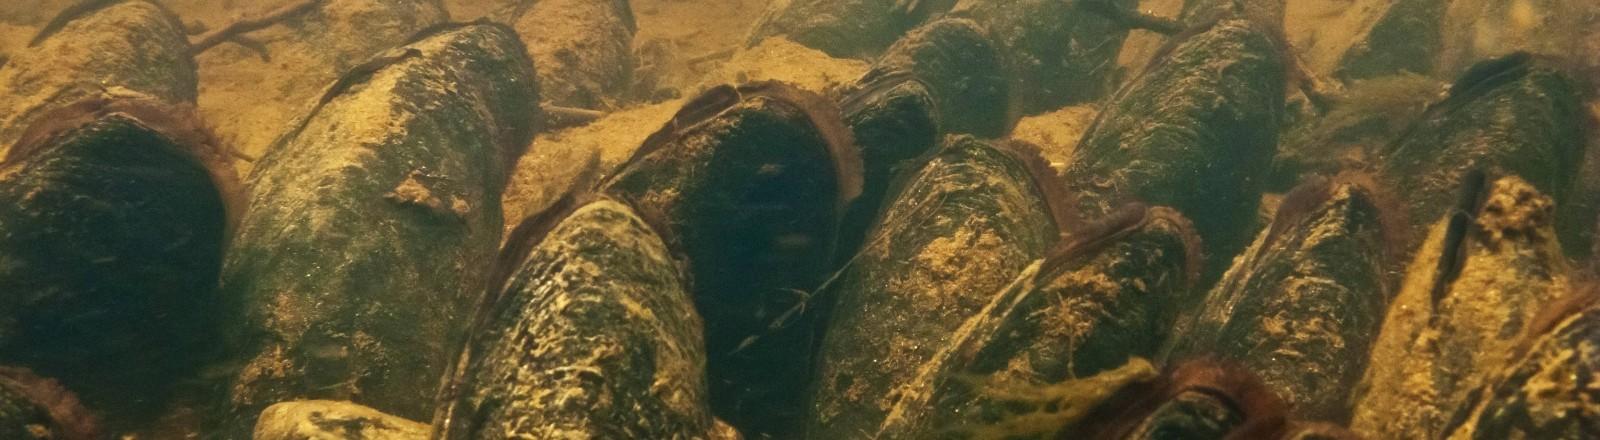 Flussperlenmuscheln in einer Muschlbank in oberfränkischen Gewässern